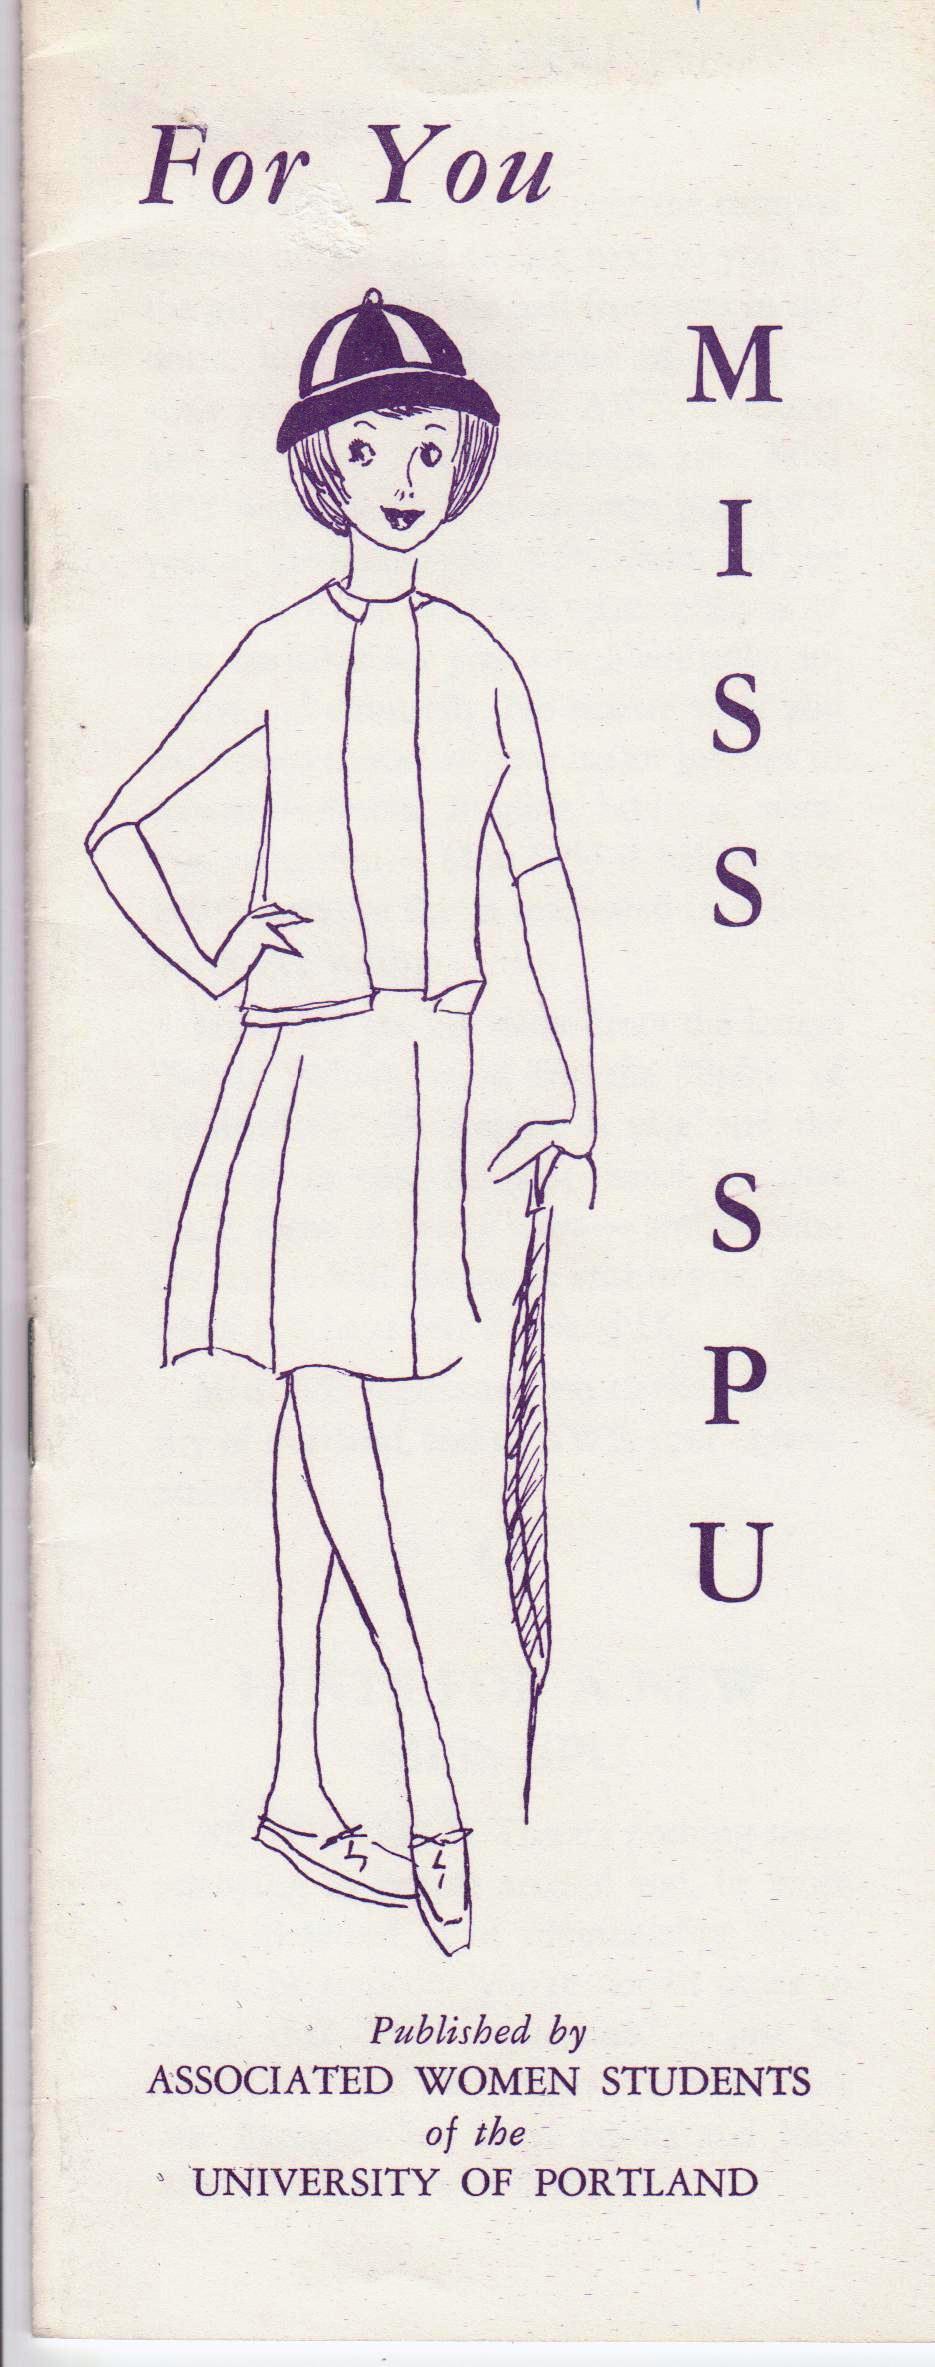 Ms Spirit of Portland U, 1963